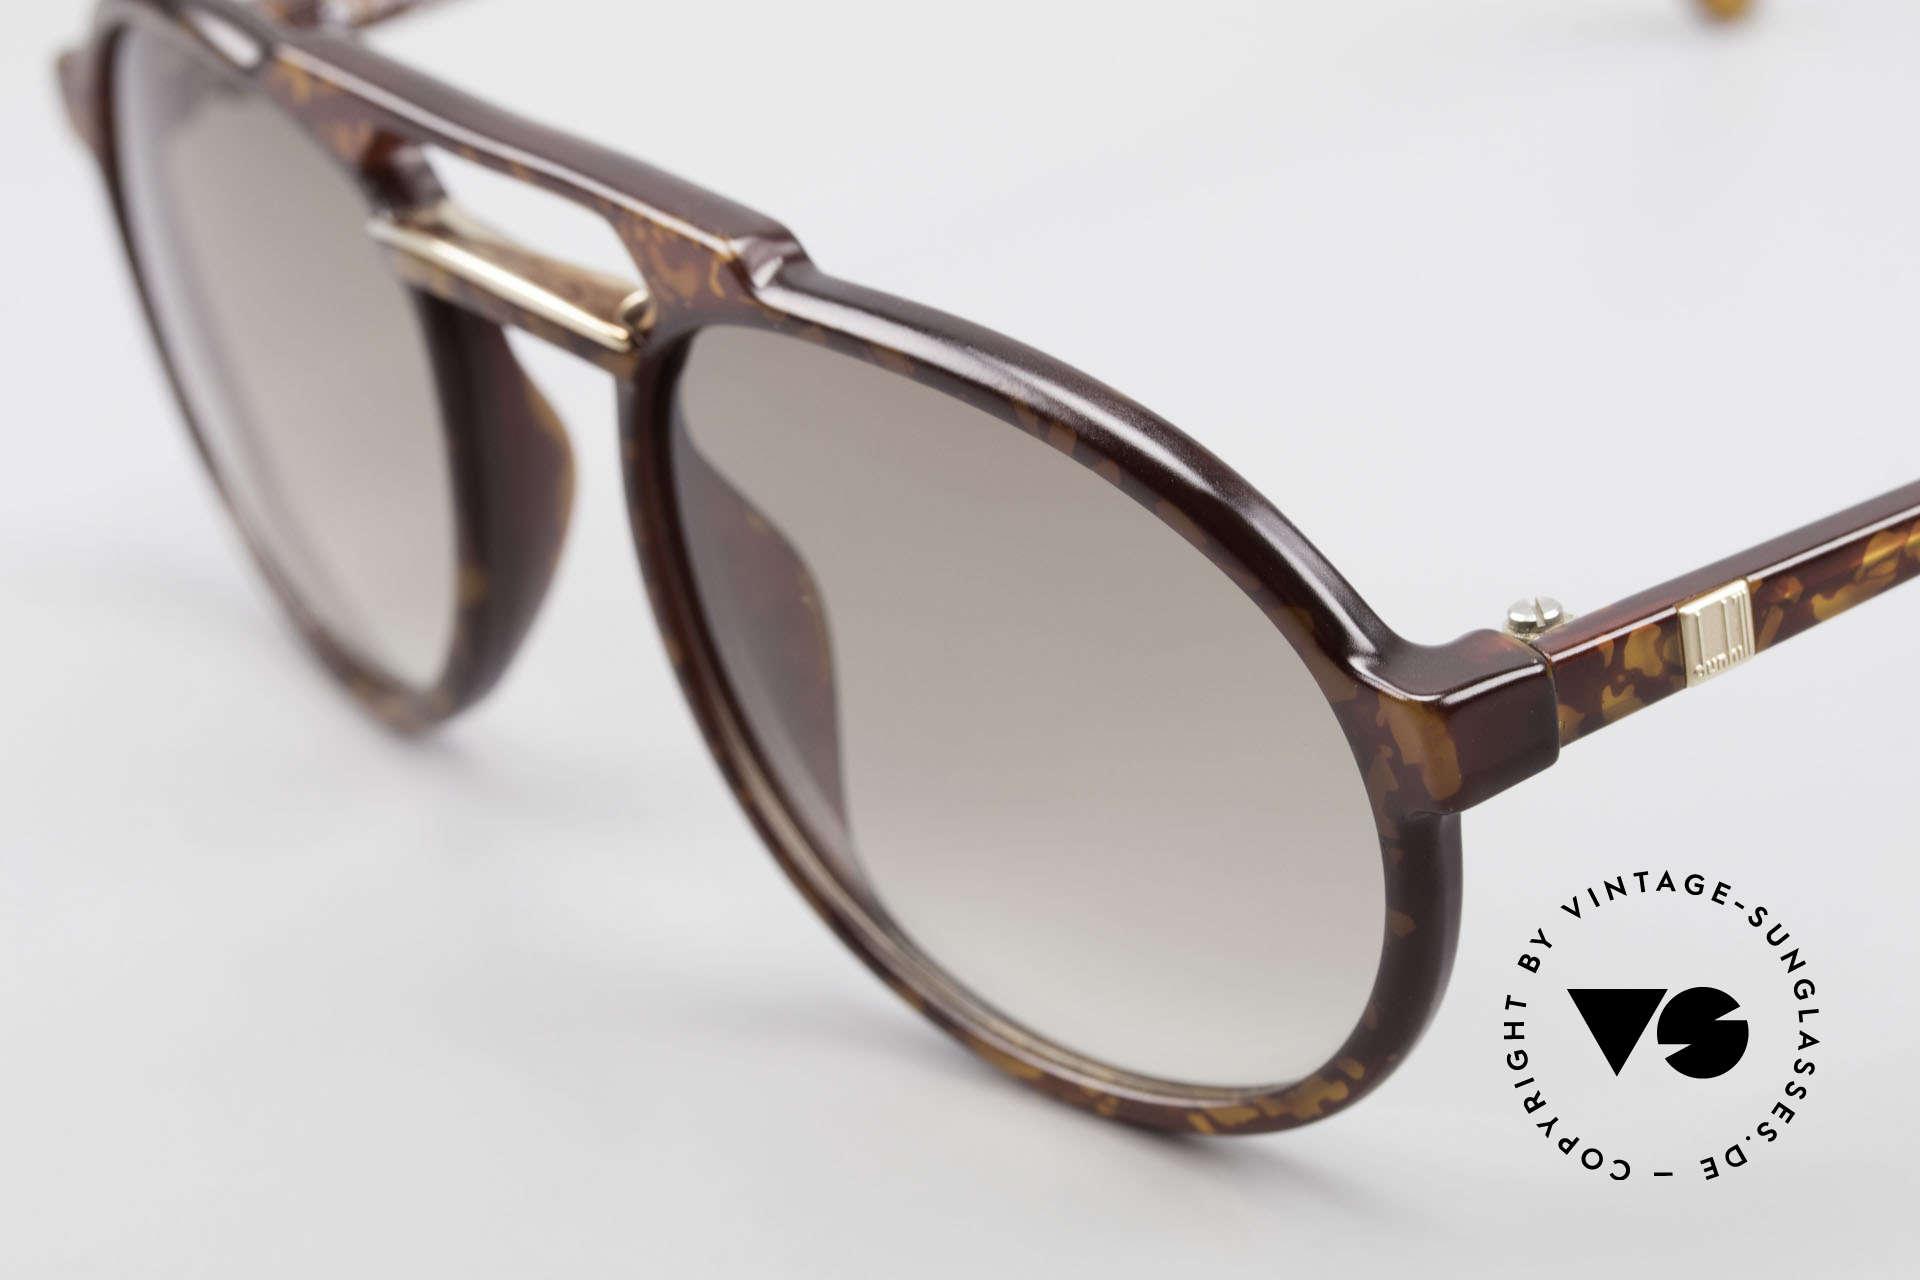 Dunhill 6114 Ovale Vintage Sonnenbrille, elegante Herrenbrille in einem dezenten Schildpatt, Passend für Herren